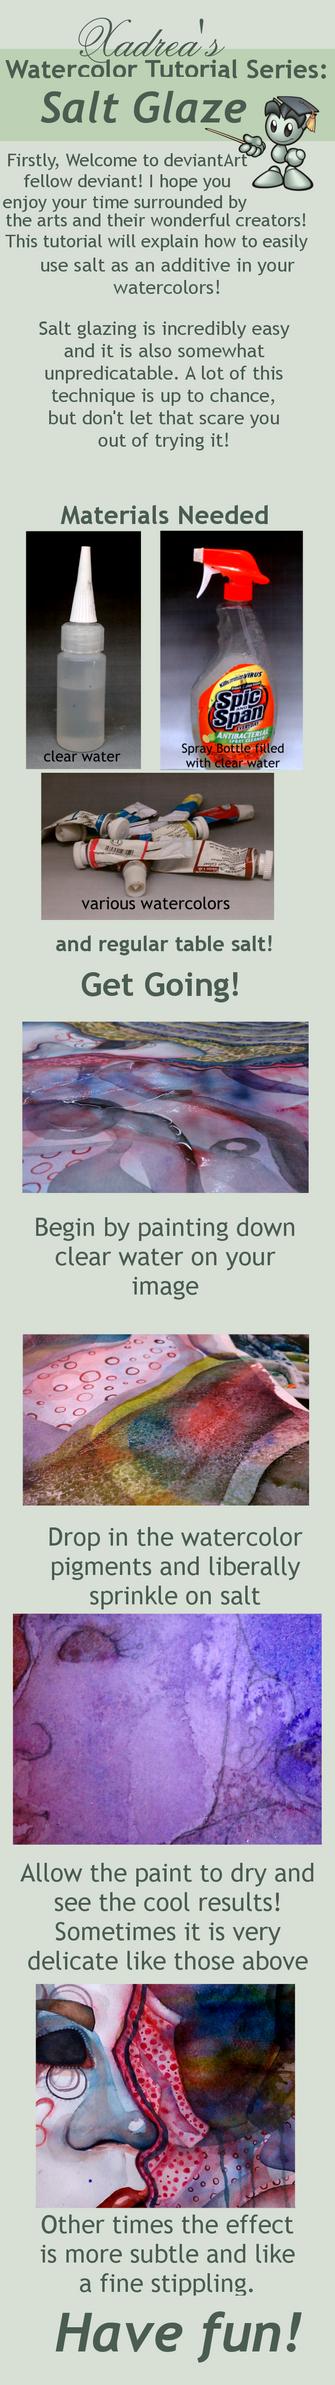 Watercolor Tutorial: Salt Glaze by Xadrea